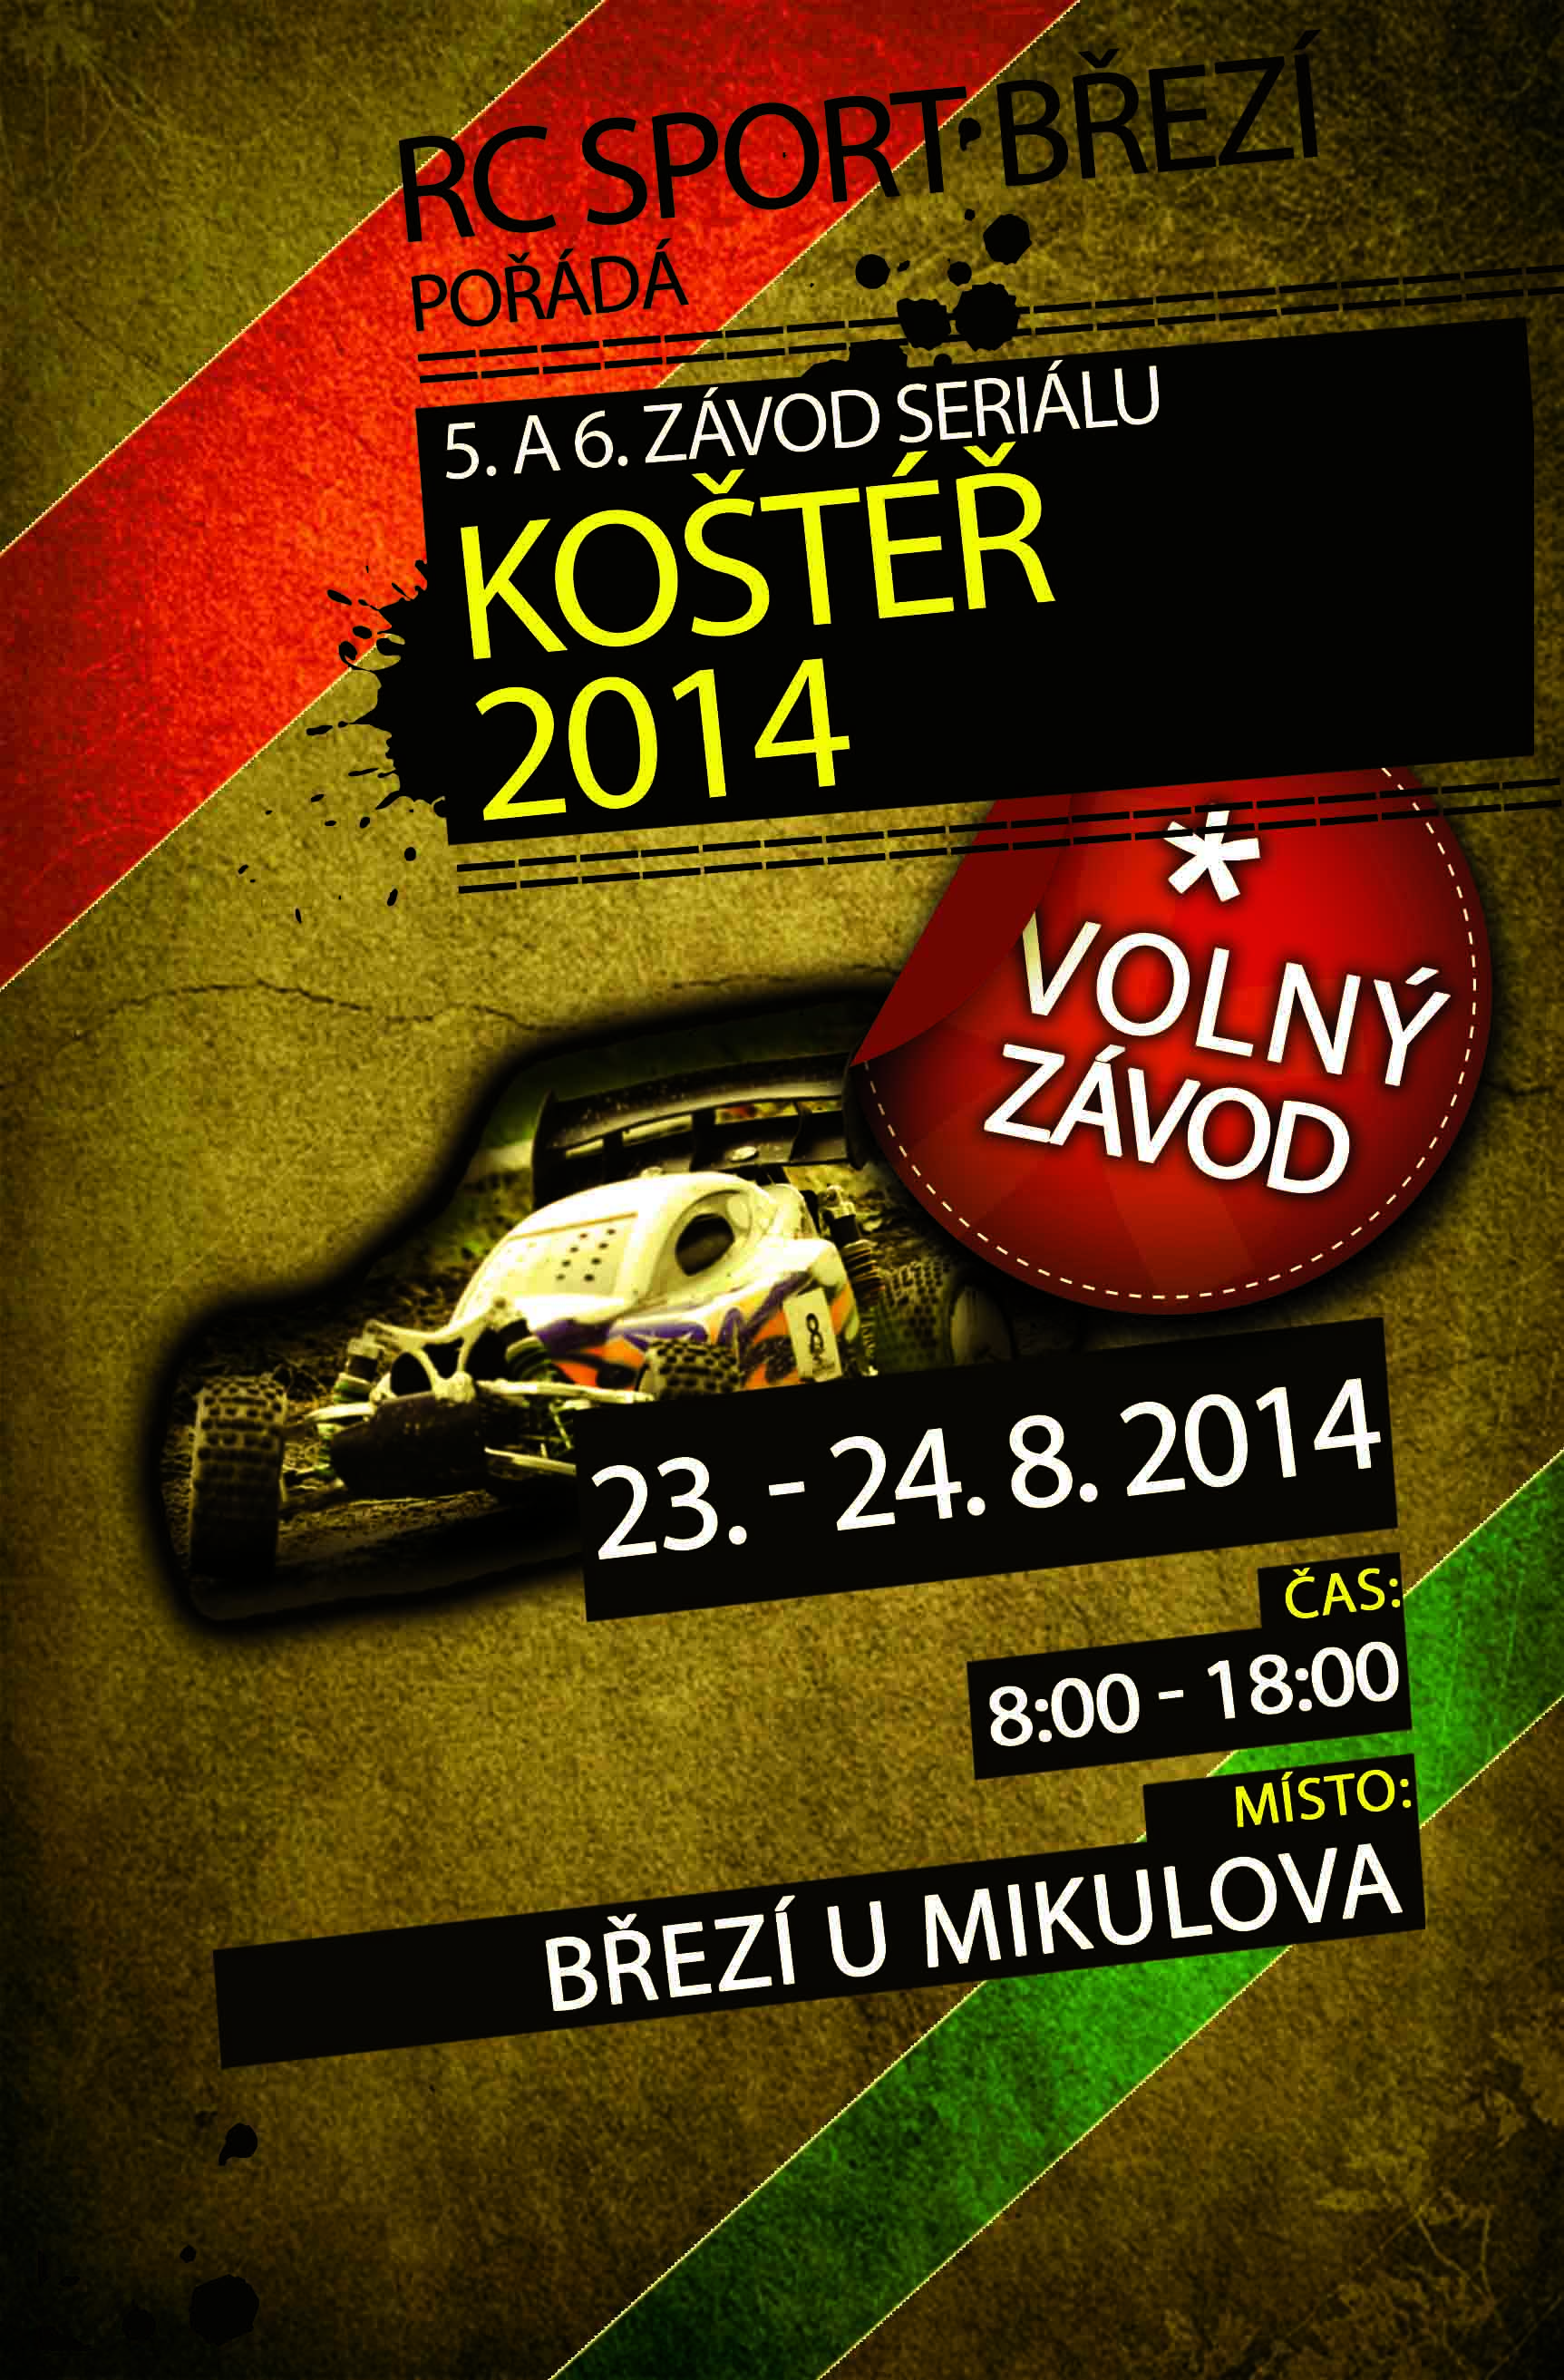 Pozvánka na 5. a 6. volný závod Koštéř – Březí, 2014